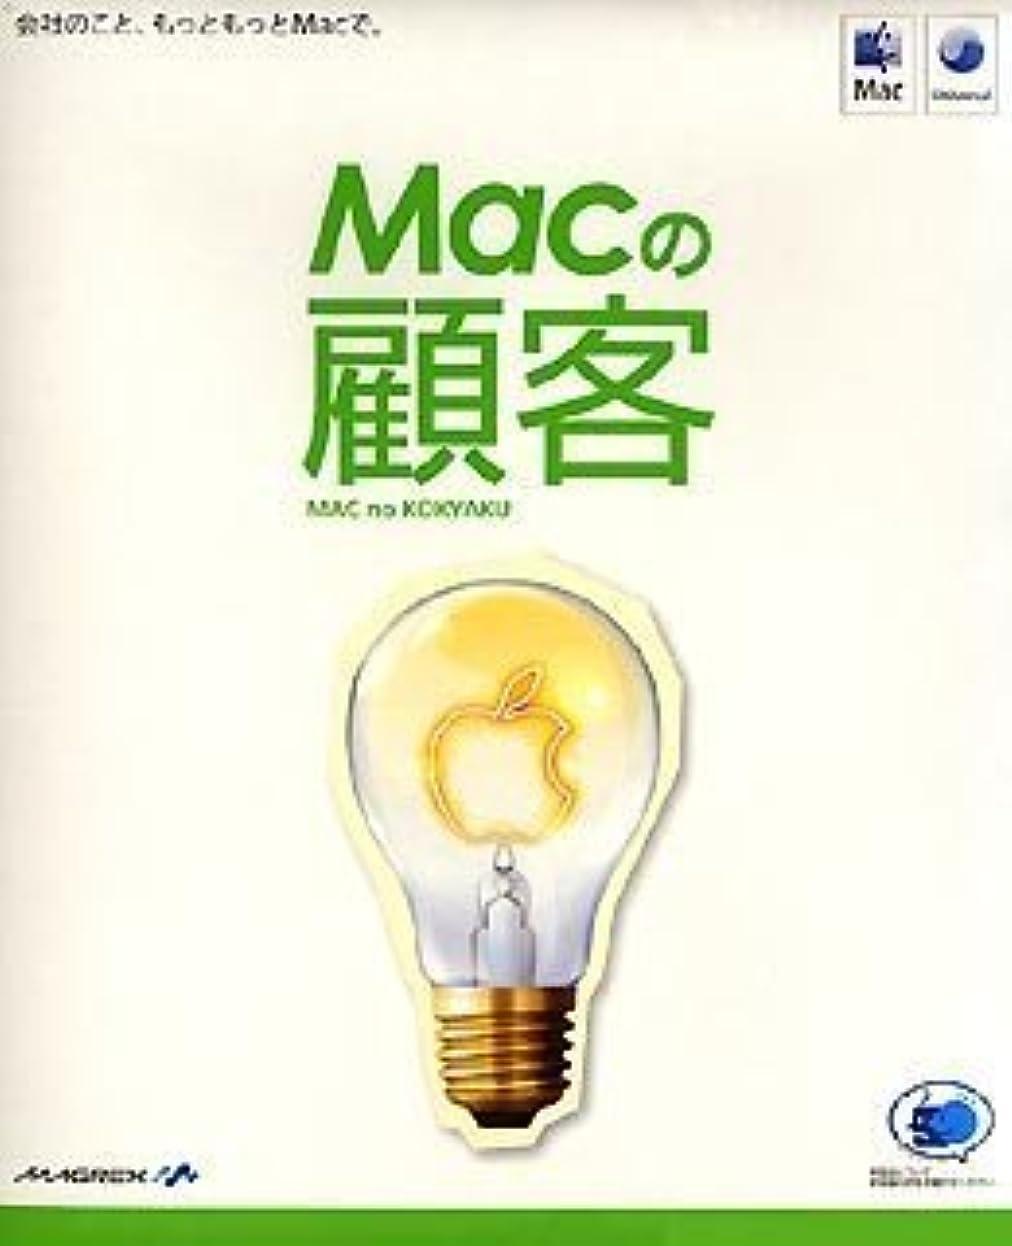 ギャップ本物の壮大なMacの顧客